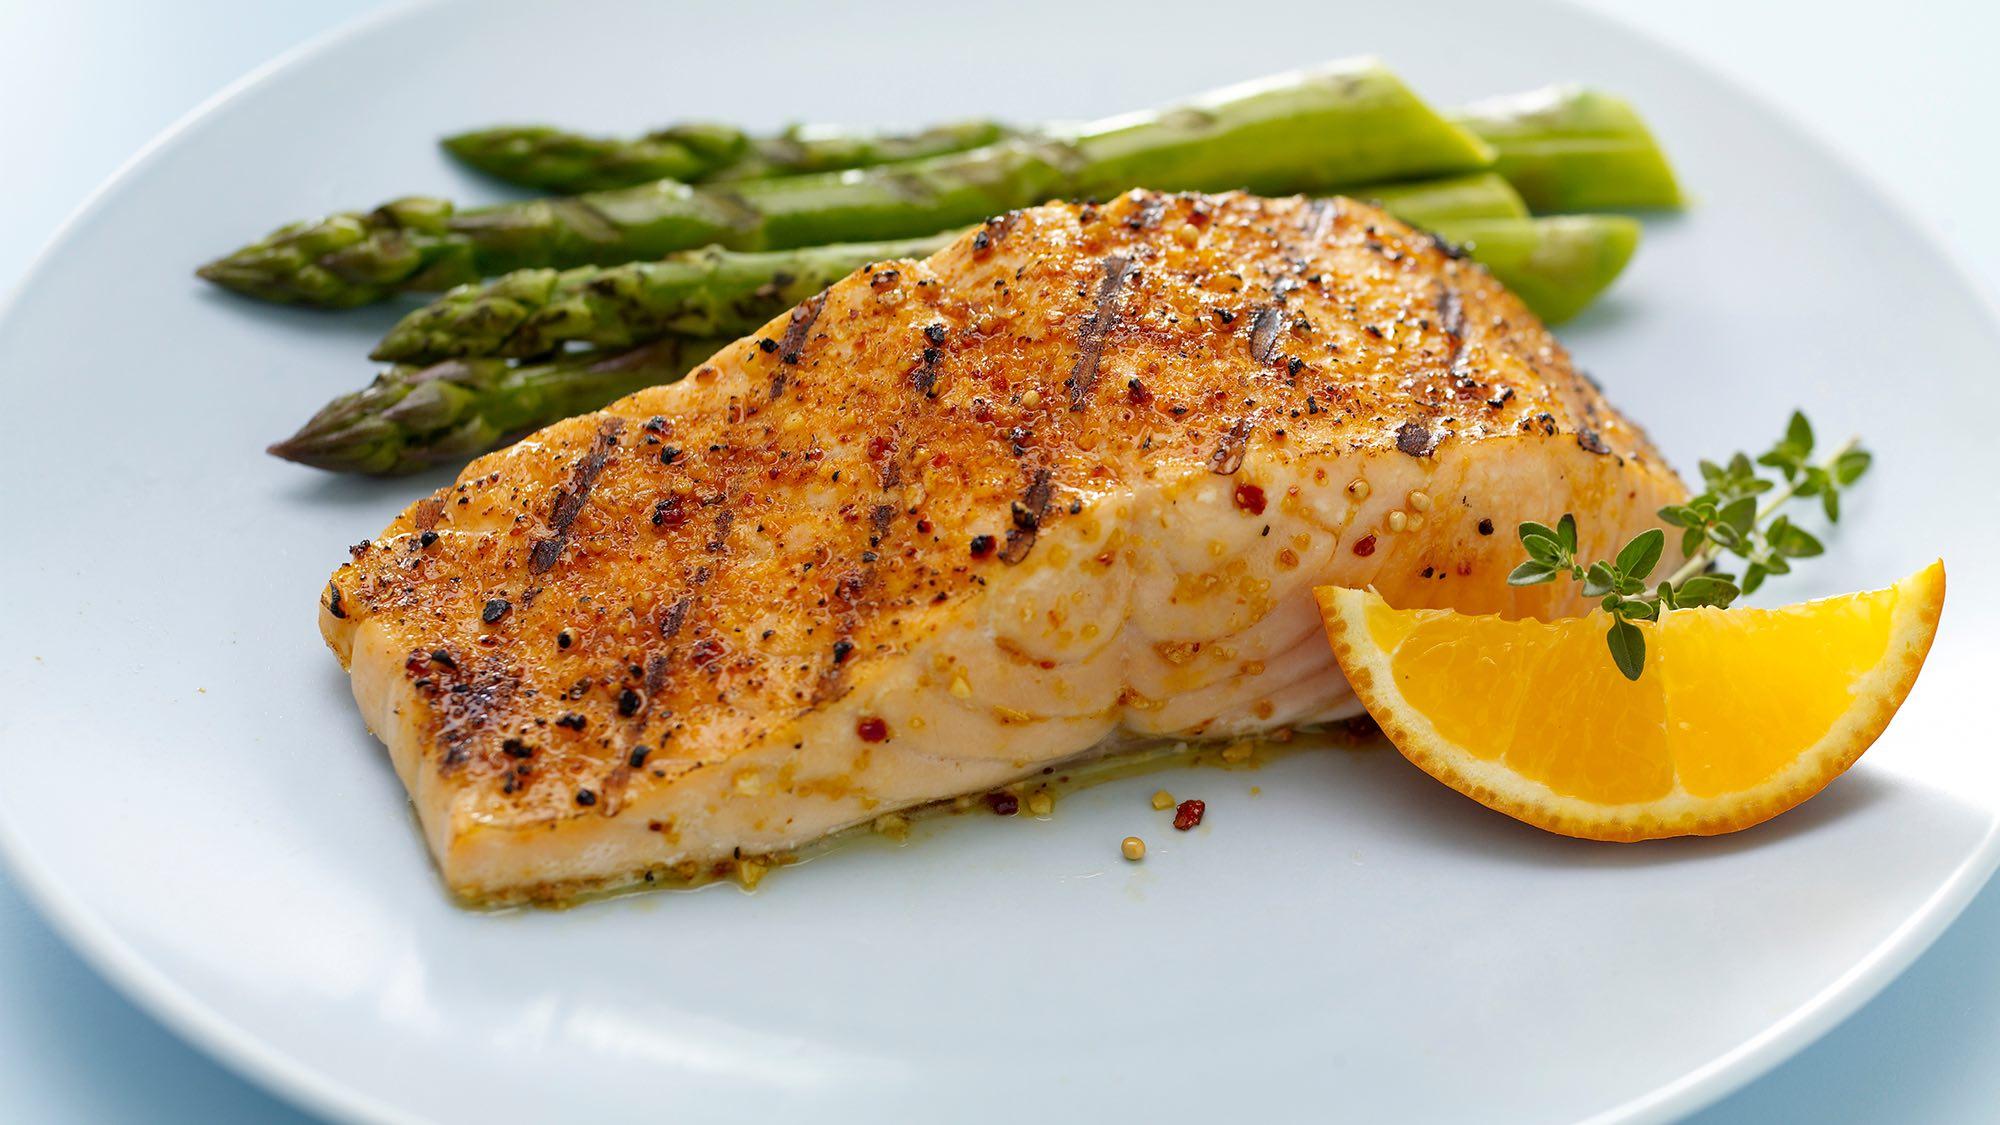 wine-herb-and-lemon-seafood-rub-for-salmon.jpg